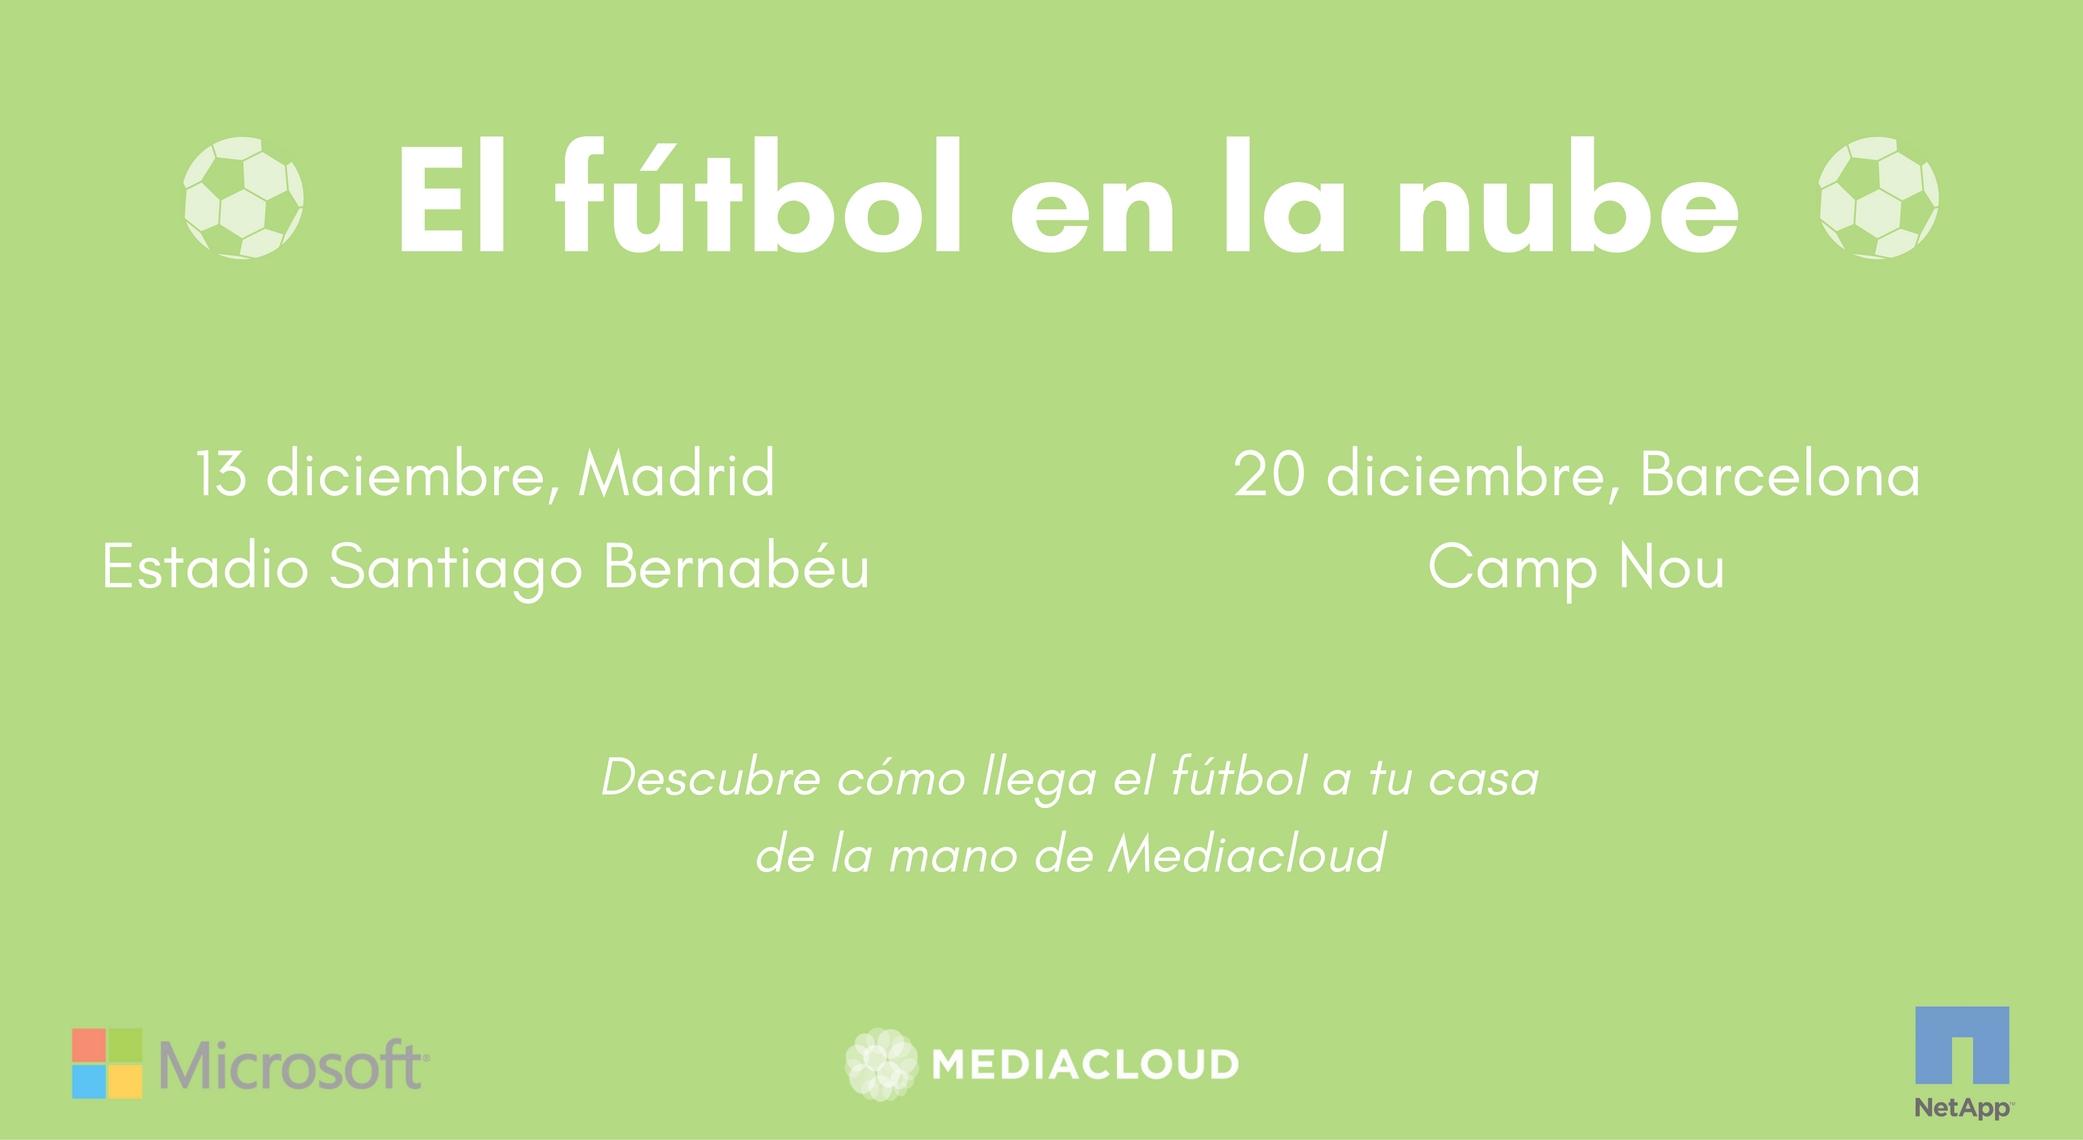 El fútbol en la nube